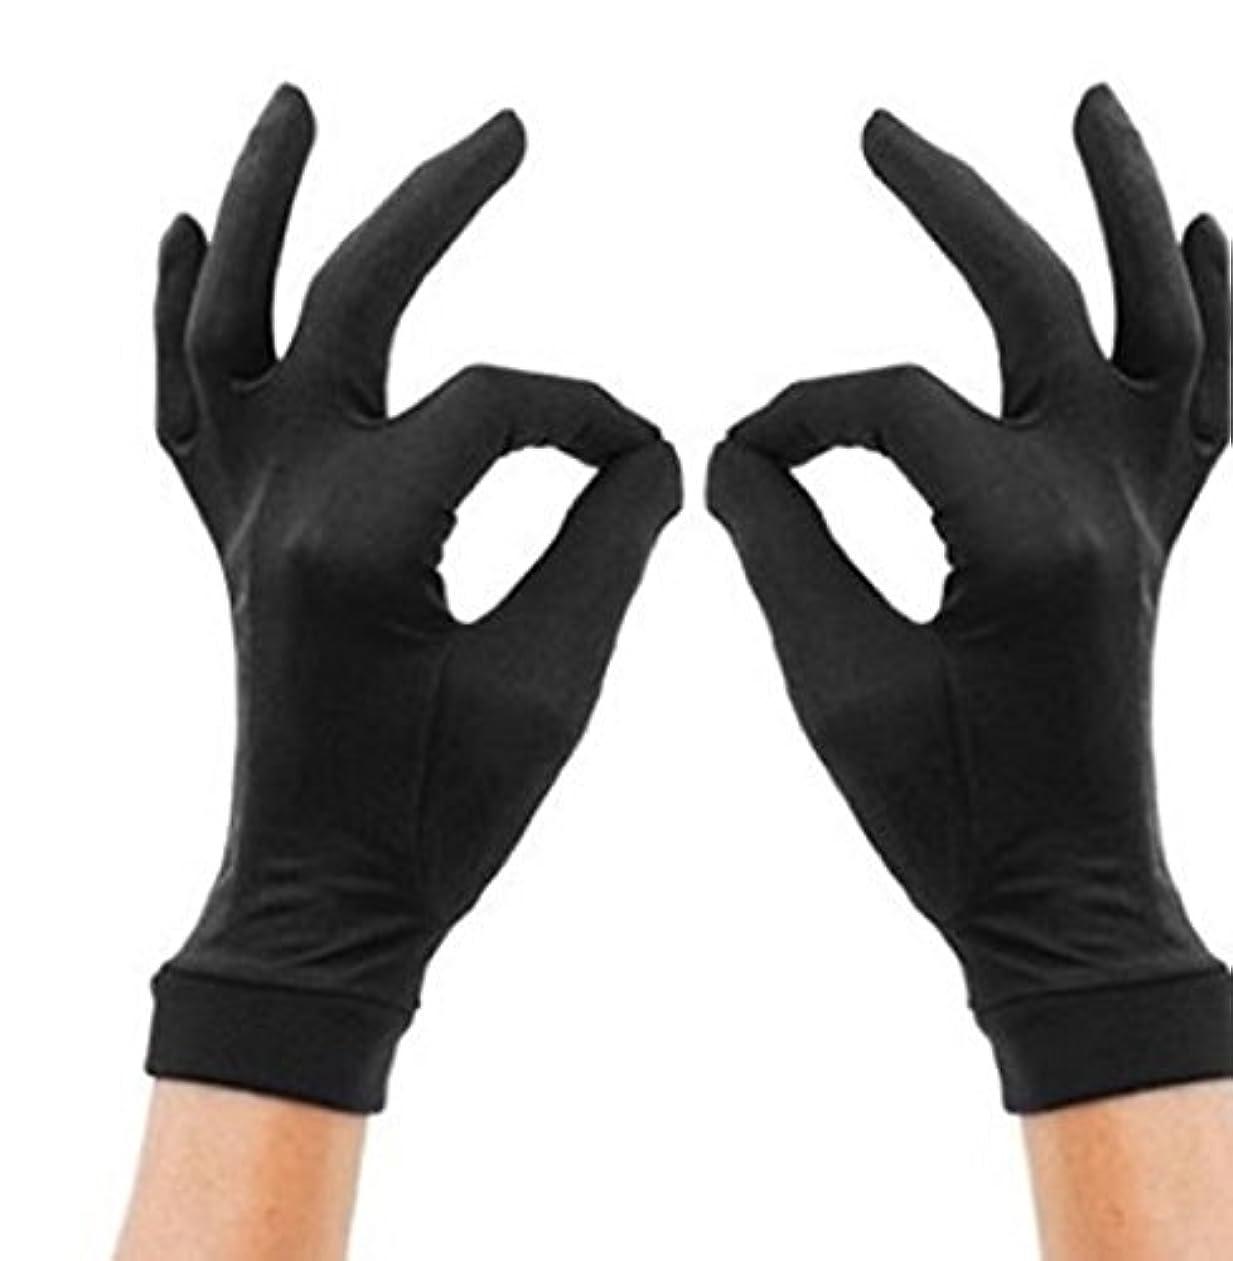 あざベール覗くCREPUSCOLO 手荒れ対策! シルク手袋 おやすみ 手袋 保湿ケア UVカット ハンドケア シルク100% 全7色 ブラック